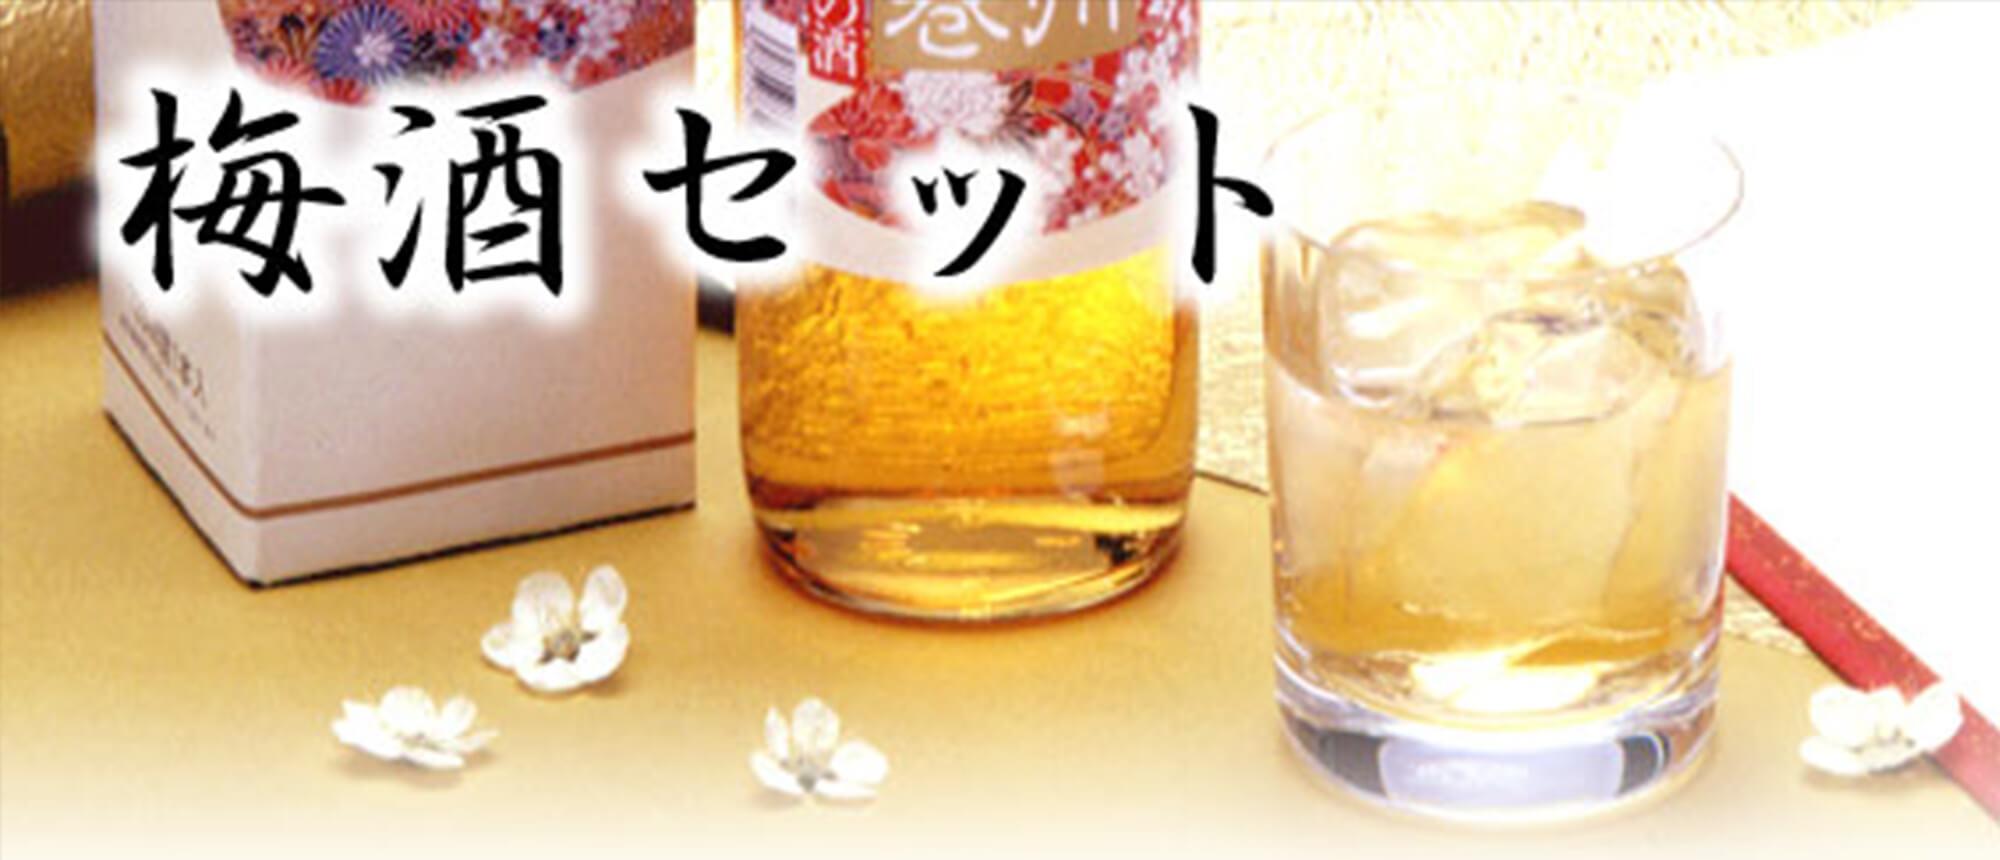 紀州絵巻と梅干3種のセット